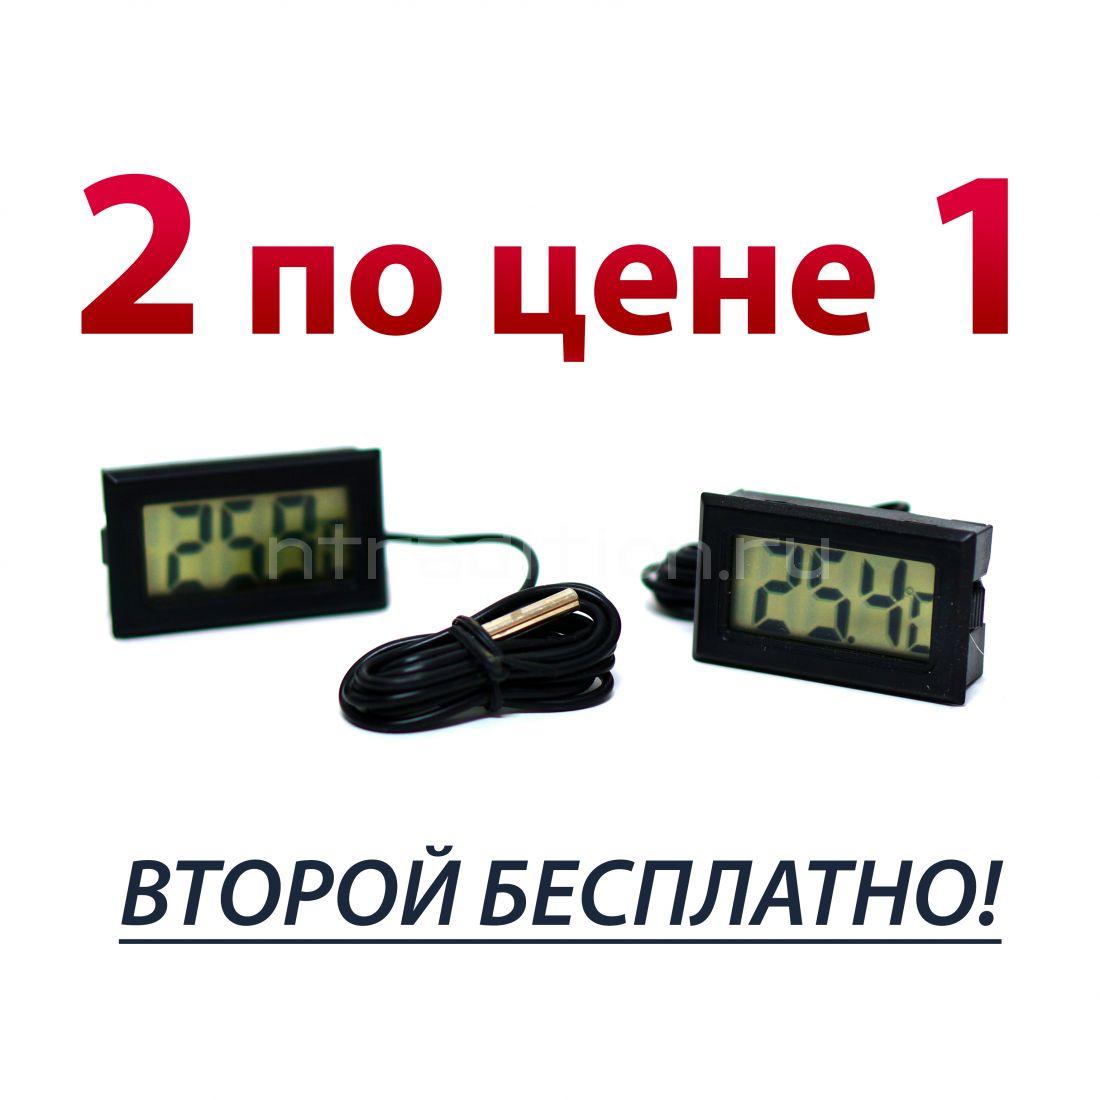 До 30.11! Акция! Второй в подарок! Электронный термометр ТРМ